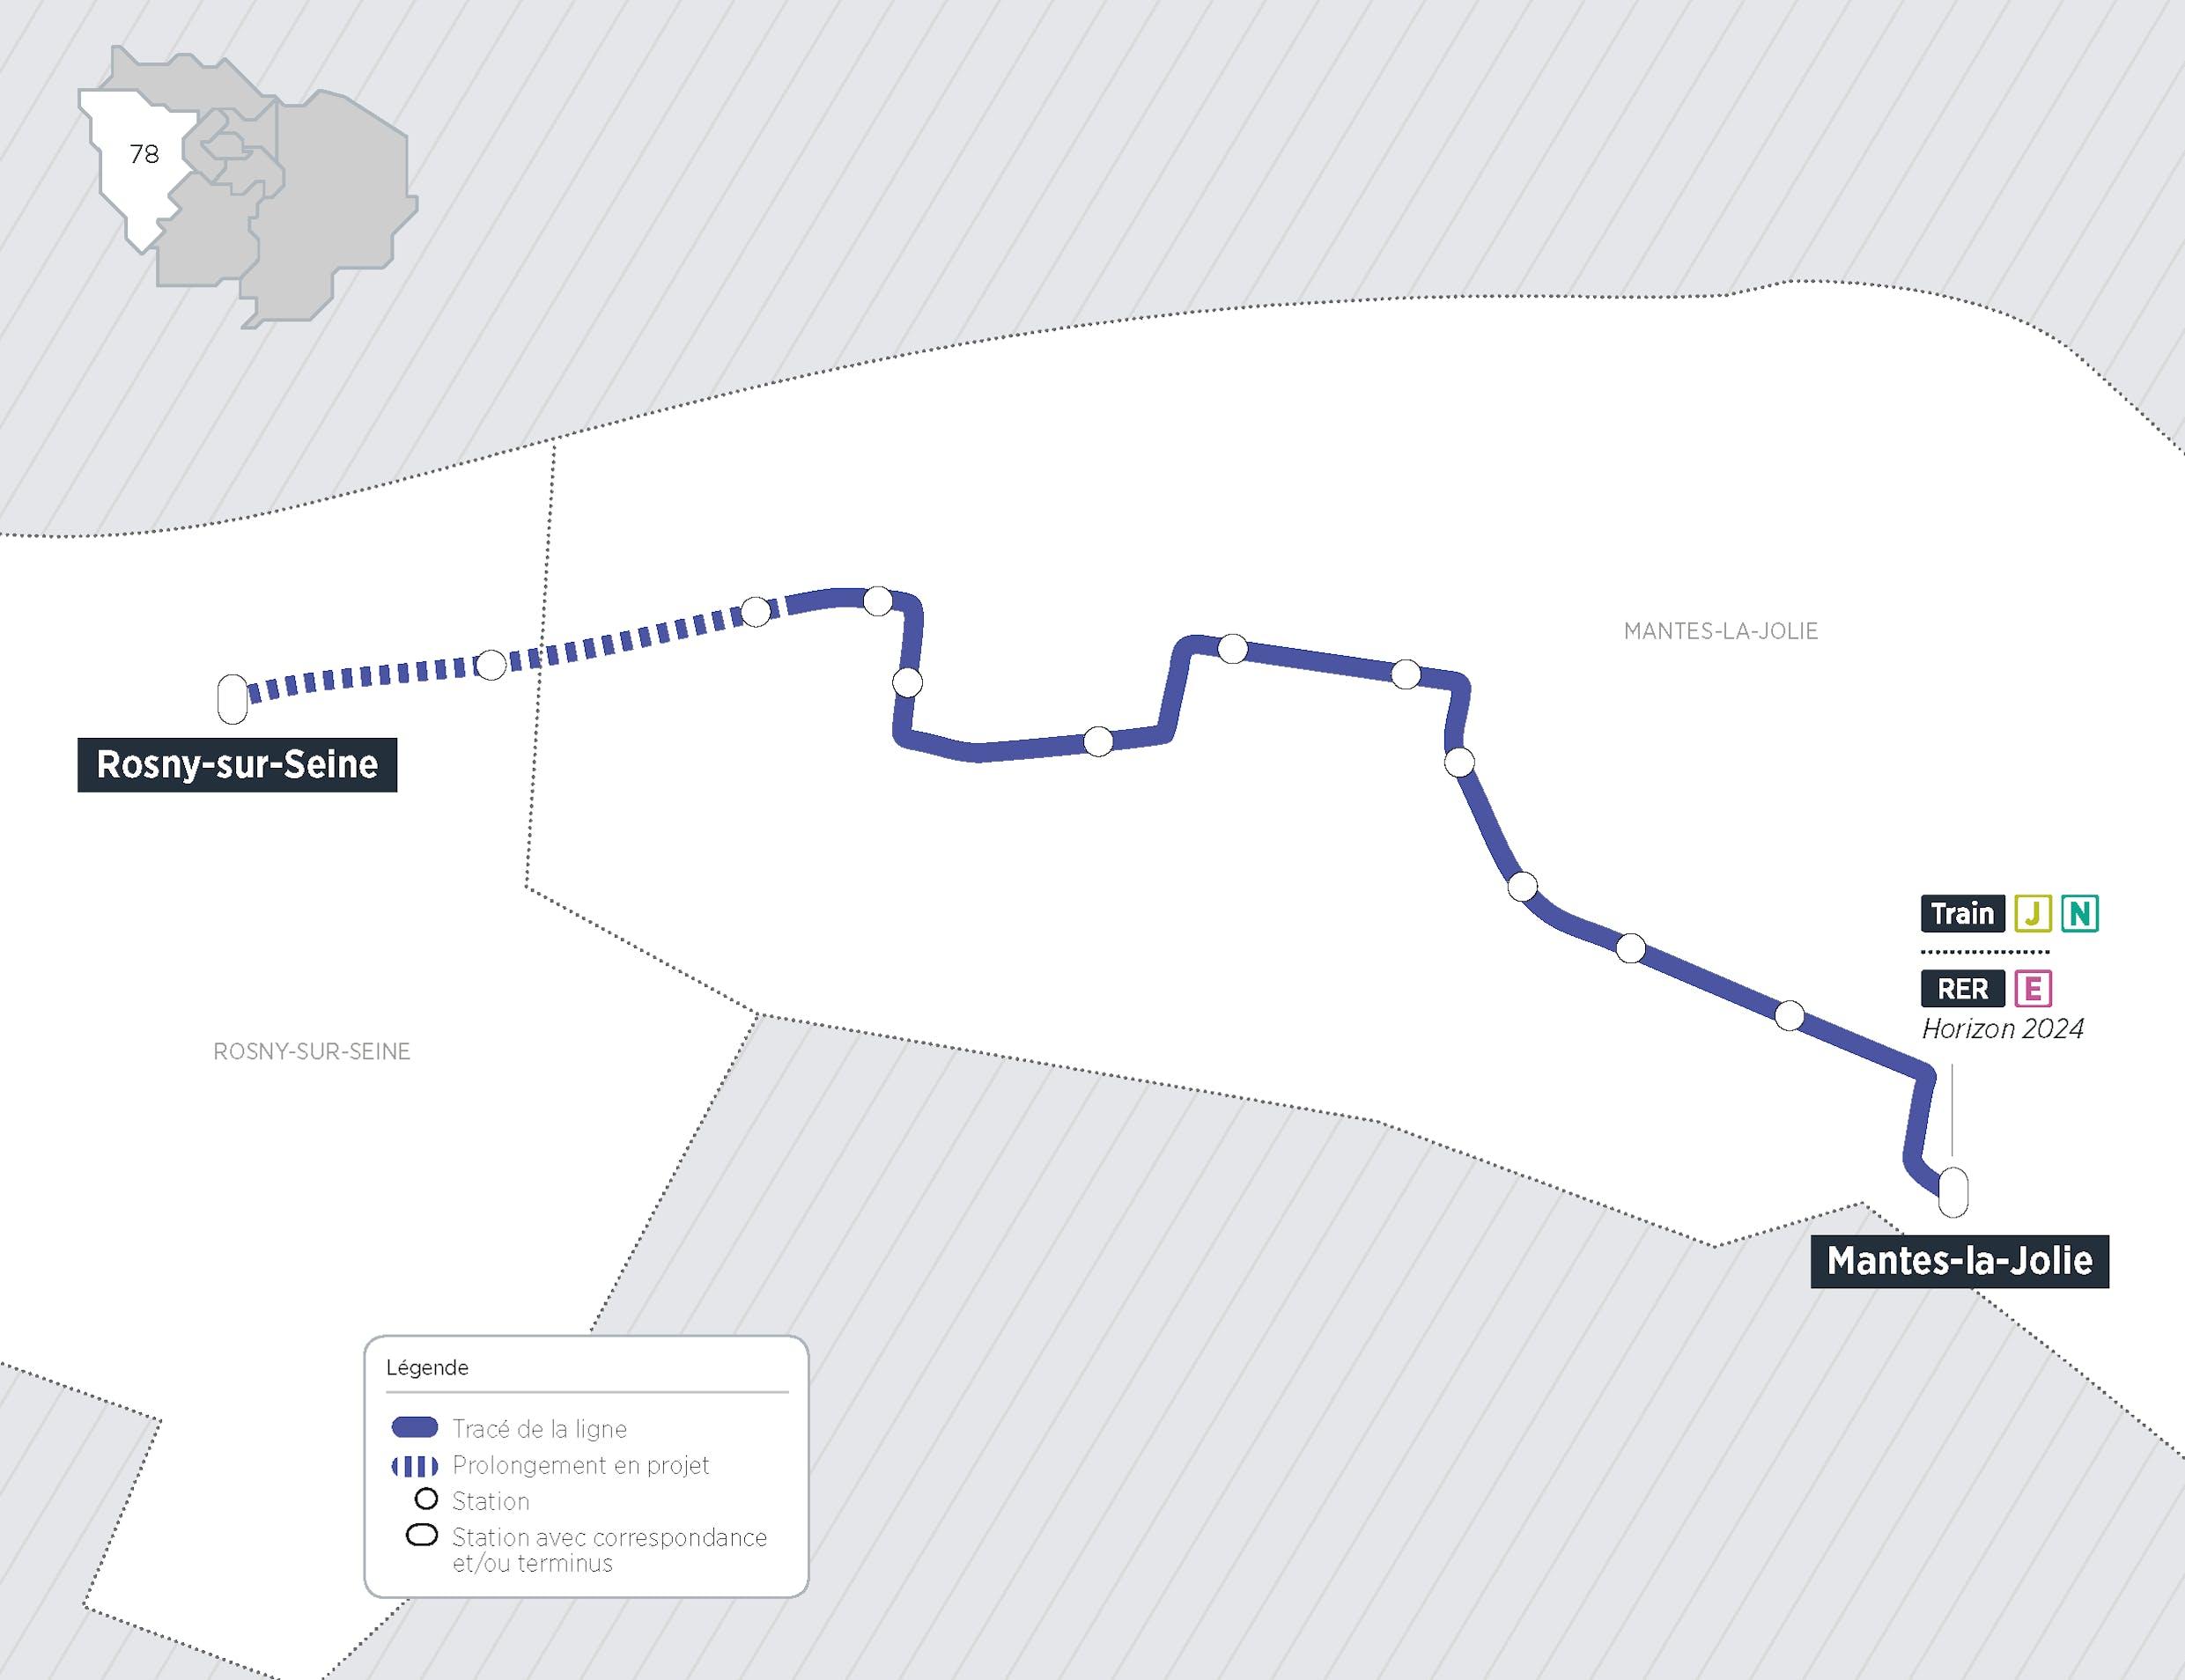 Plan du projet Bus Nouvelle ligne Rosny-sur-Seine > Mantes-la-Jolie